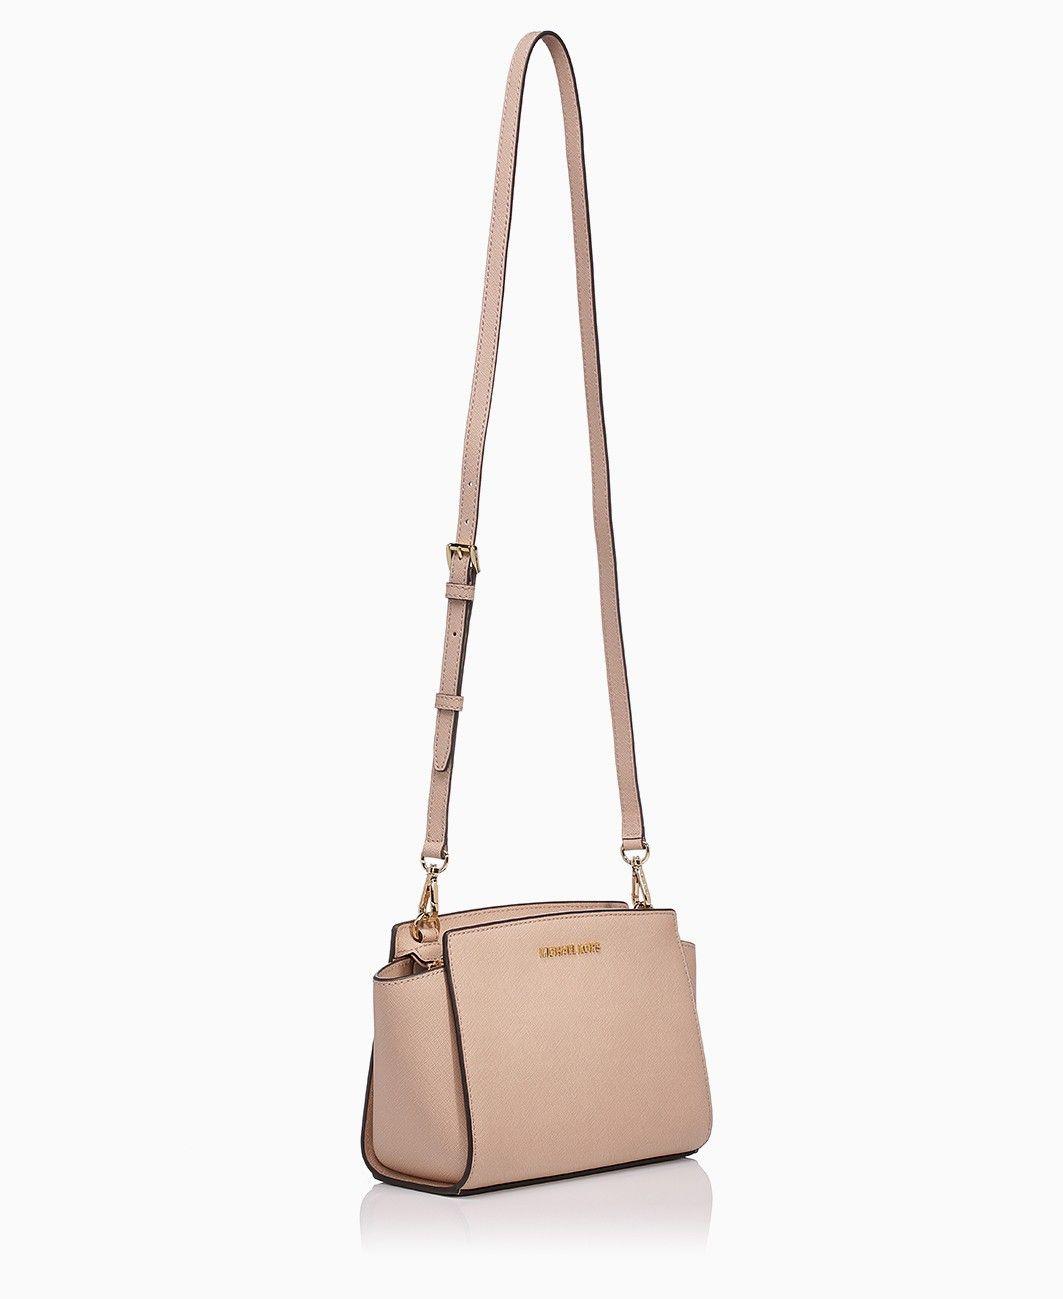 d0fb39b95402 Michael Kors Selma Medium Messenger Blush | Bags | Cheap michael ...